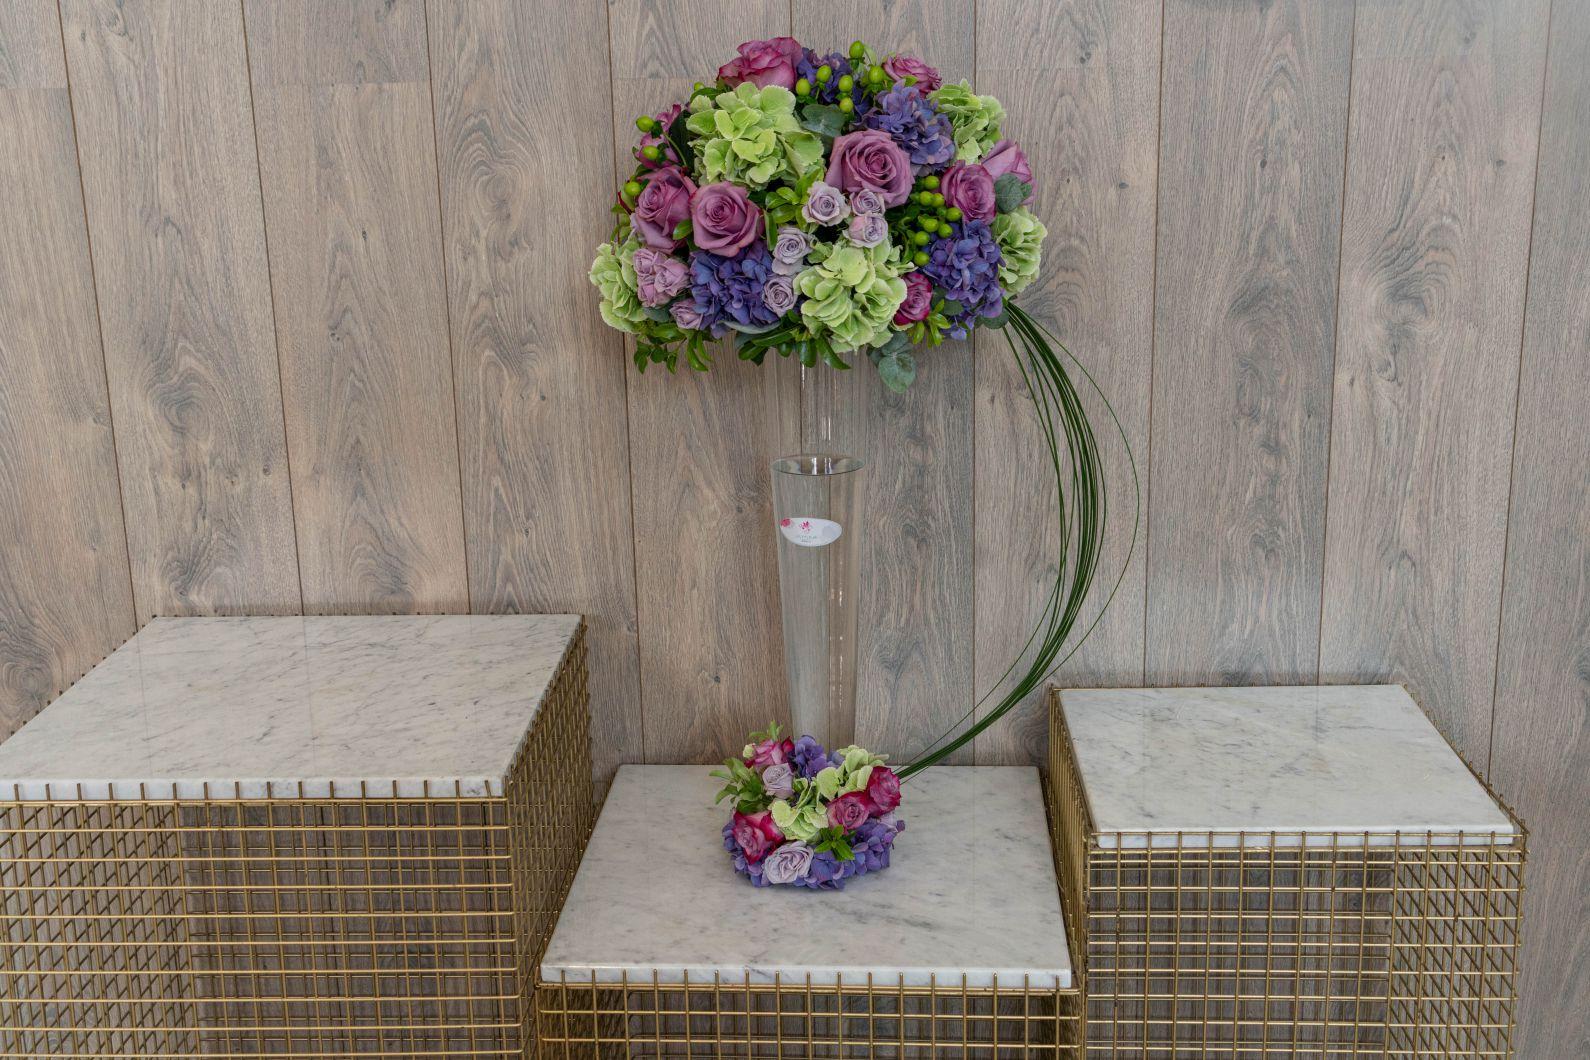 لي لي بيربليش 'زهور مع قاعدة'